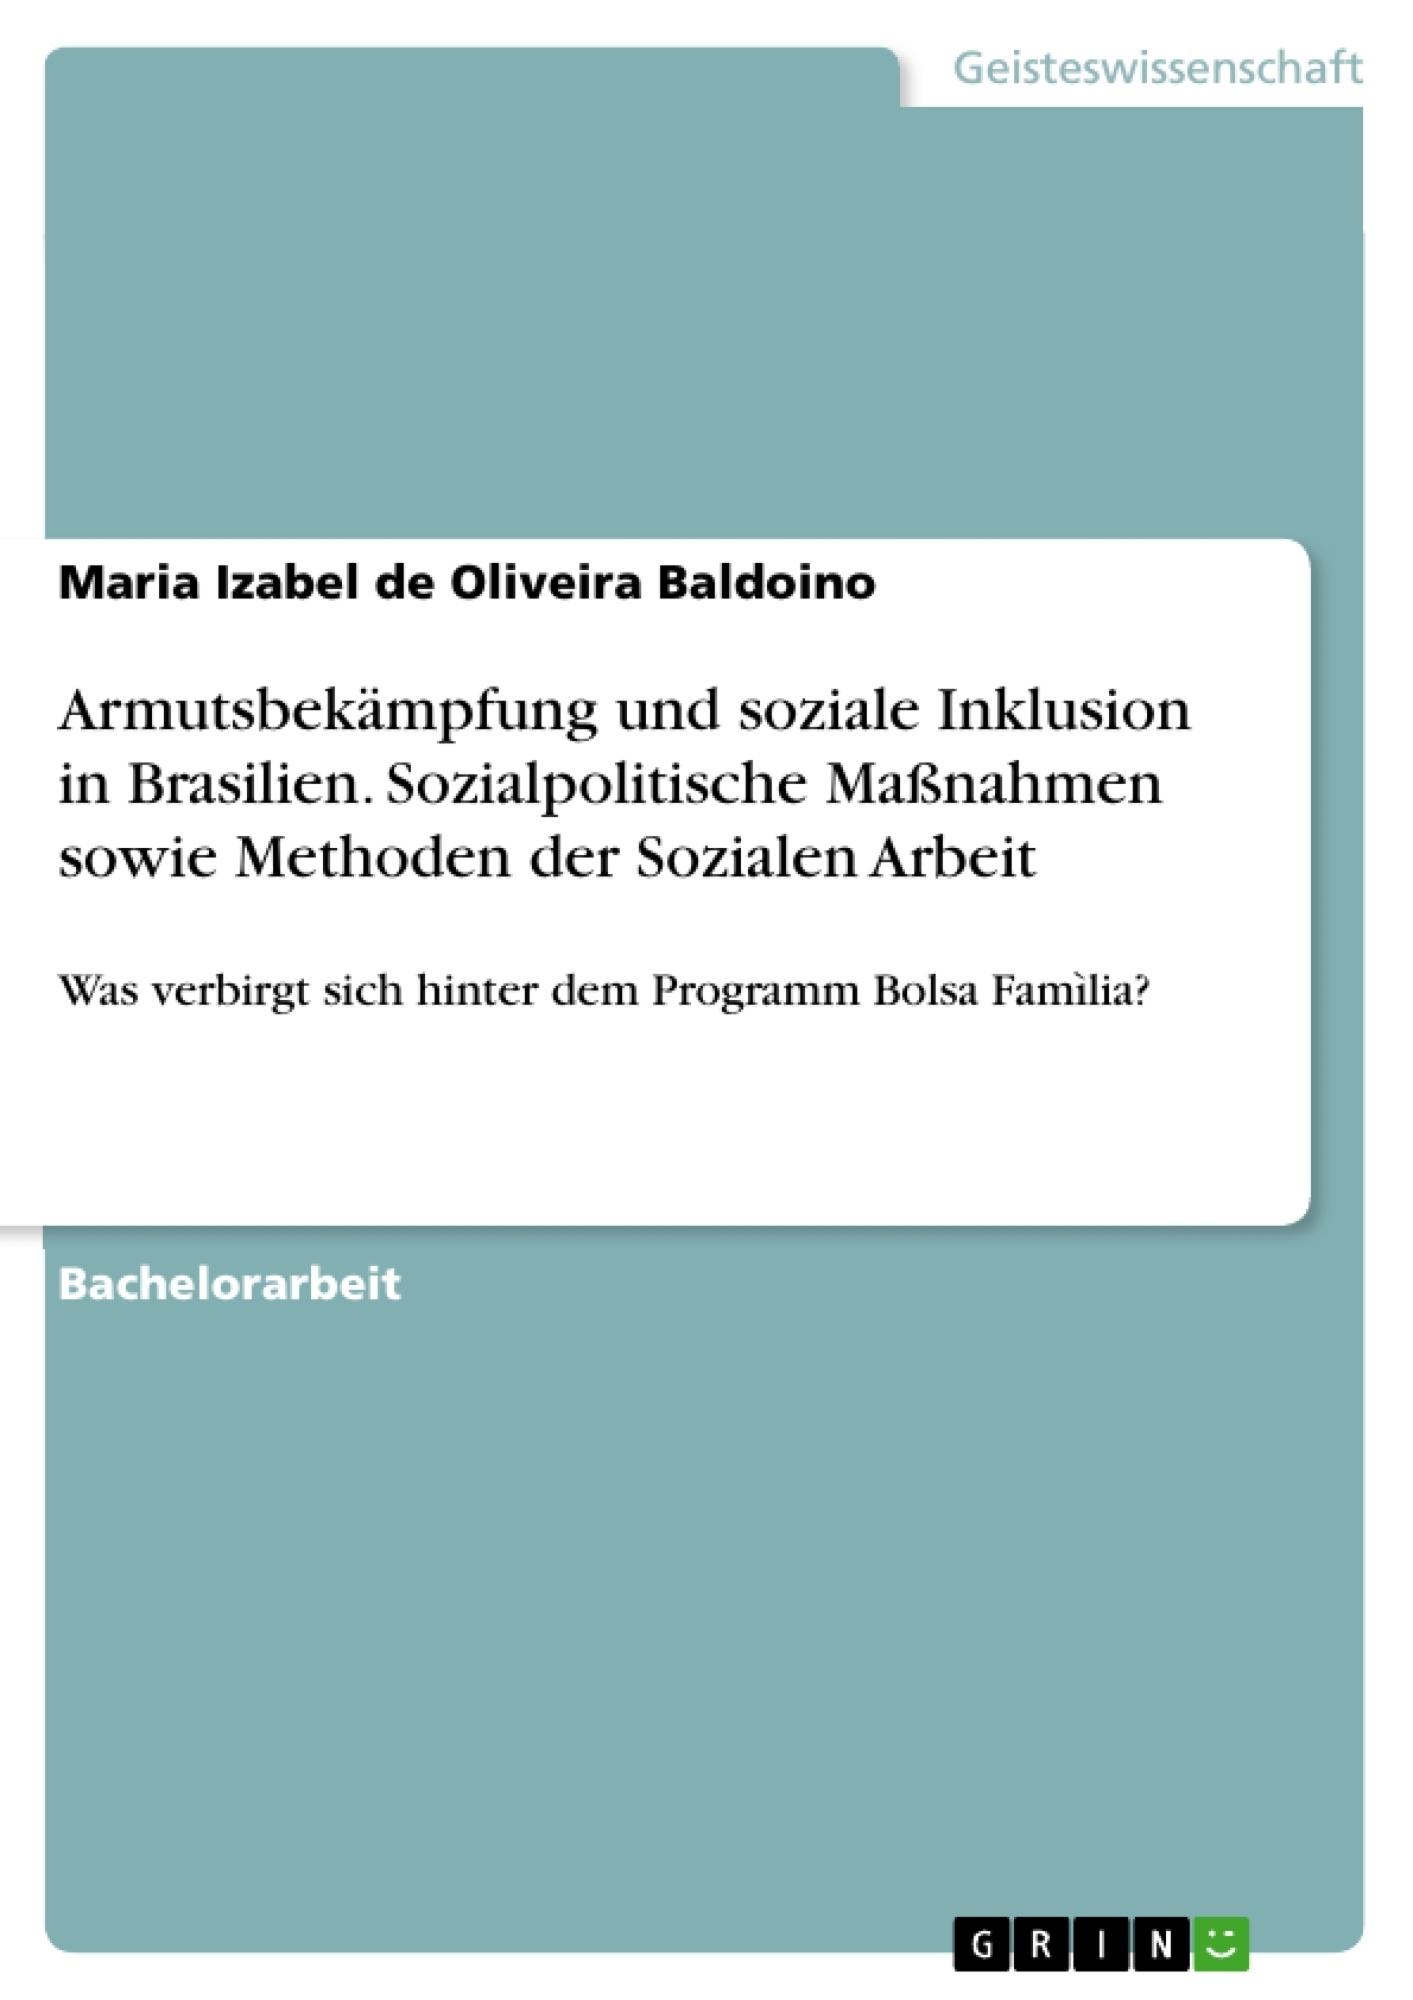 Titel: Armutsbekämpfung und soziale Inklusion in Brasilien. Sozialpolitische Maßnahmen sowie Methoden der Sozialen Arbeit